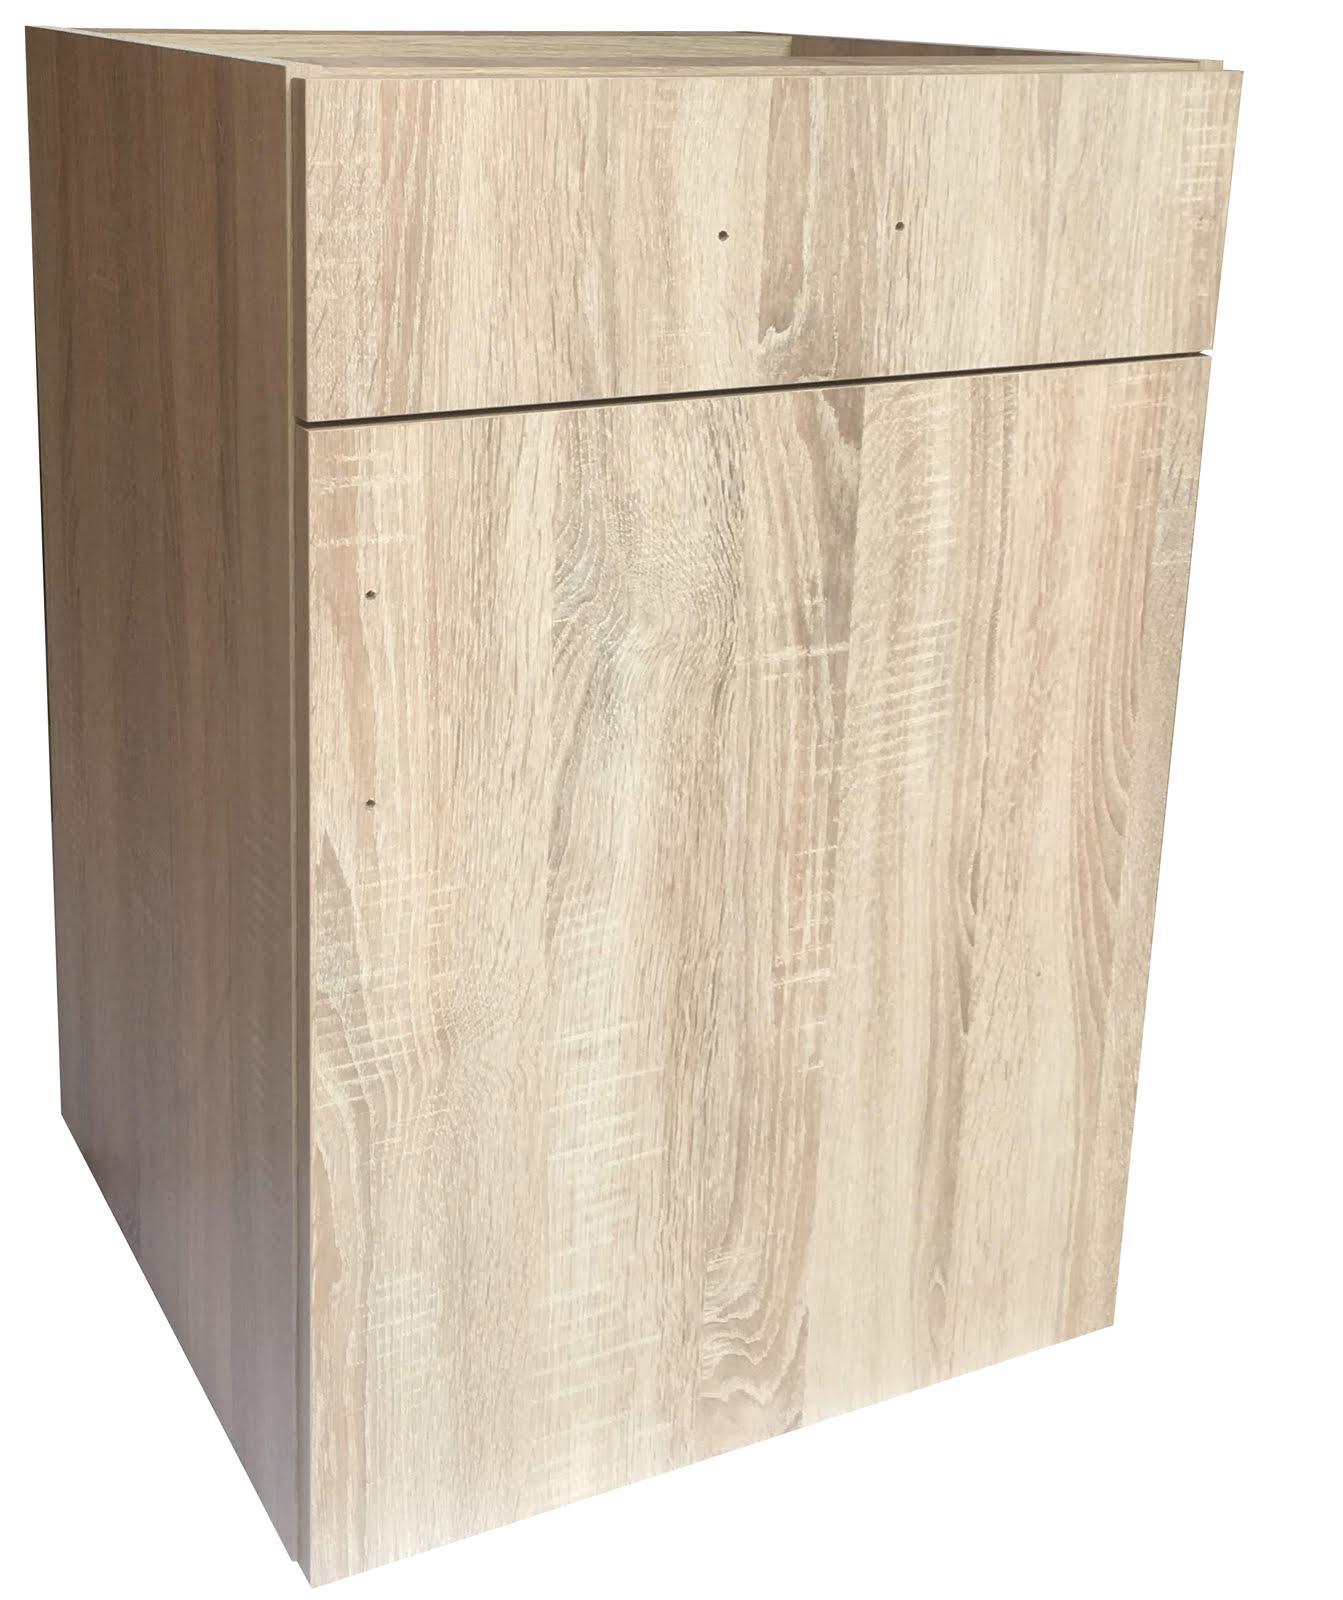 Spodní skříňka Tina se šuplíkem 50 cm dub sonoma - výprodej